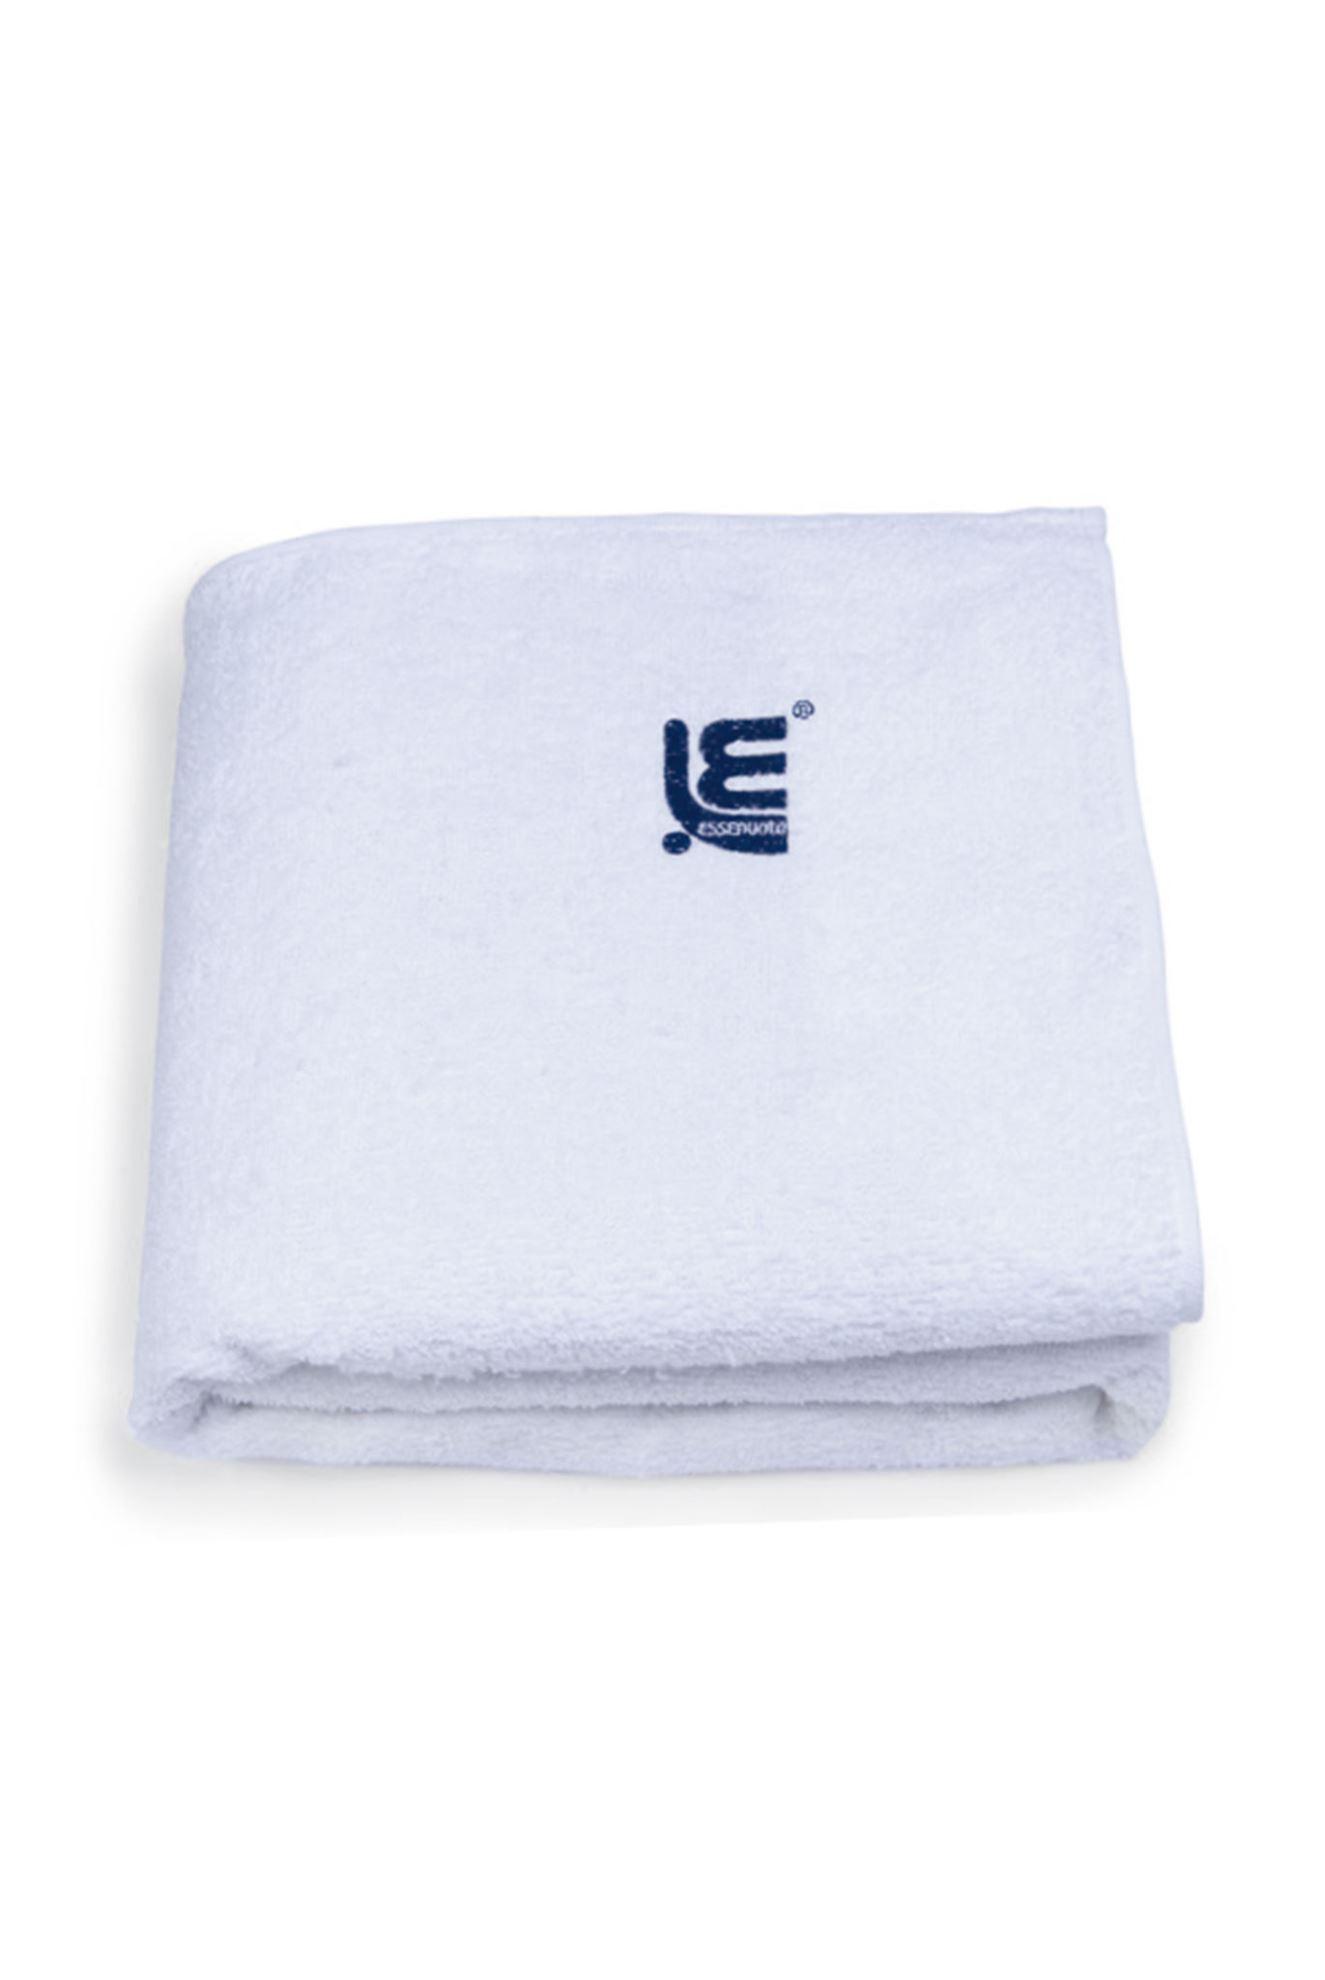 204012 MAXI PLAIN COLOUR TOWEL WHTE 70X130 CM